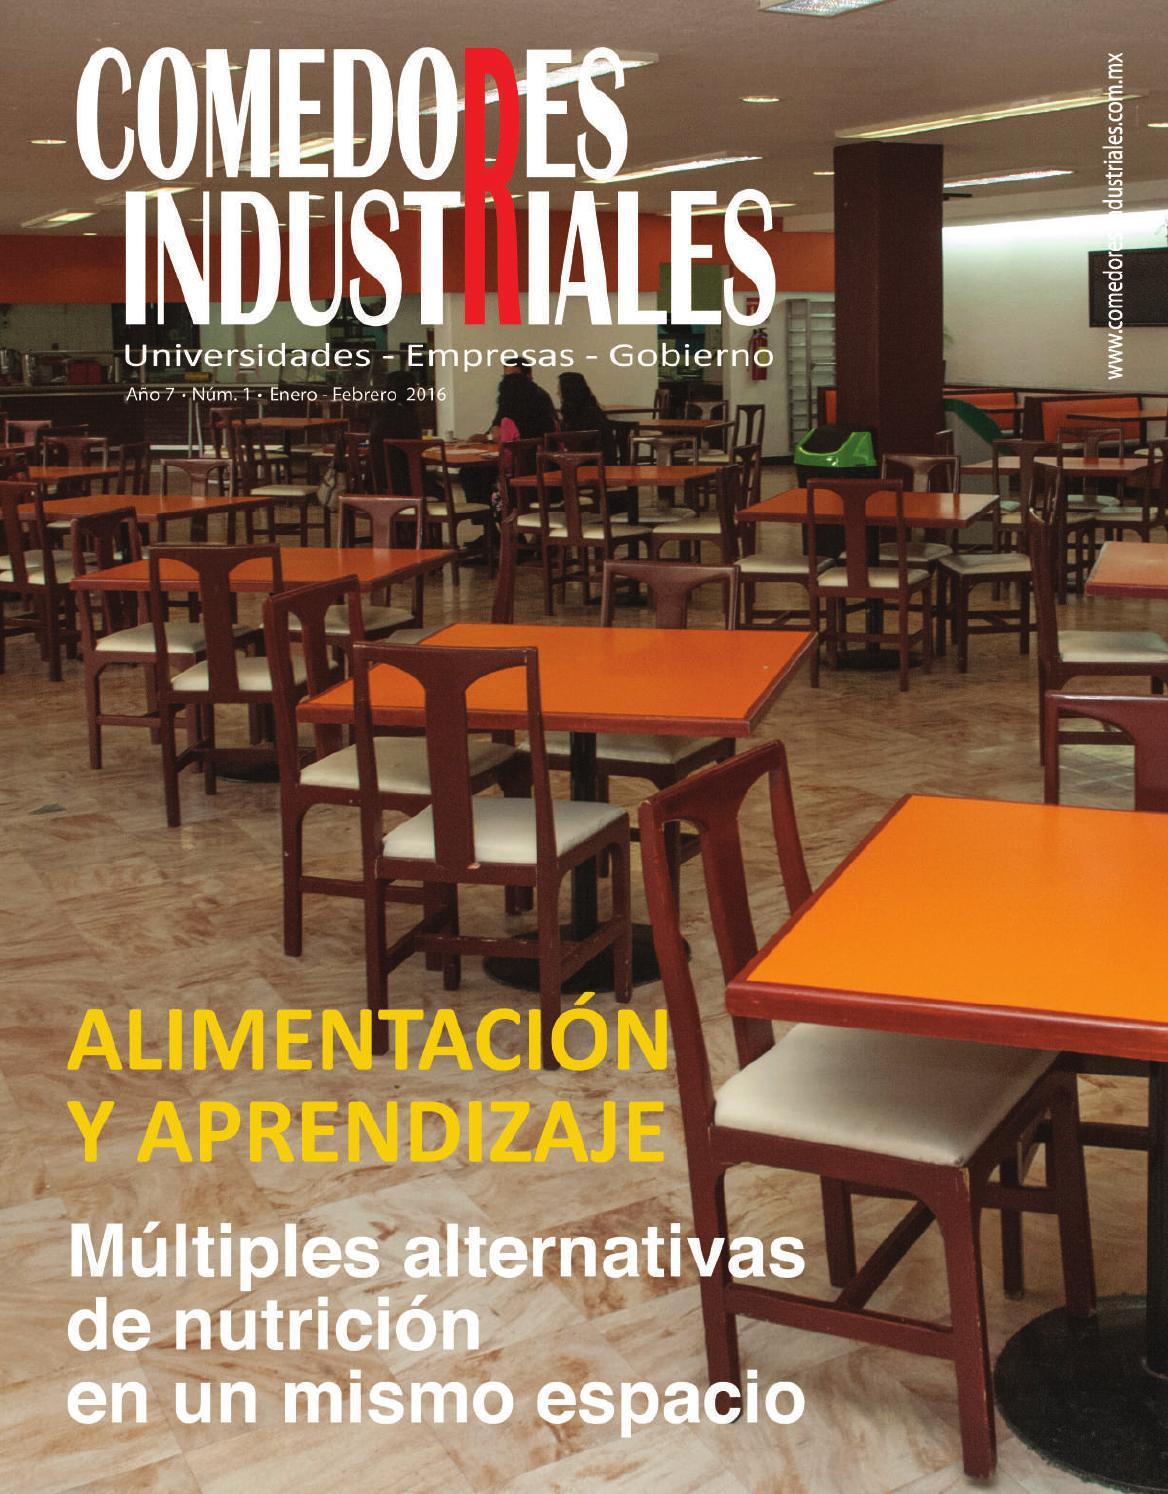 Comedores Industriales enero  febrero 2016 by Editorial